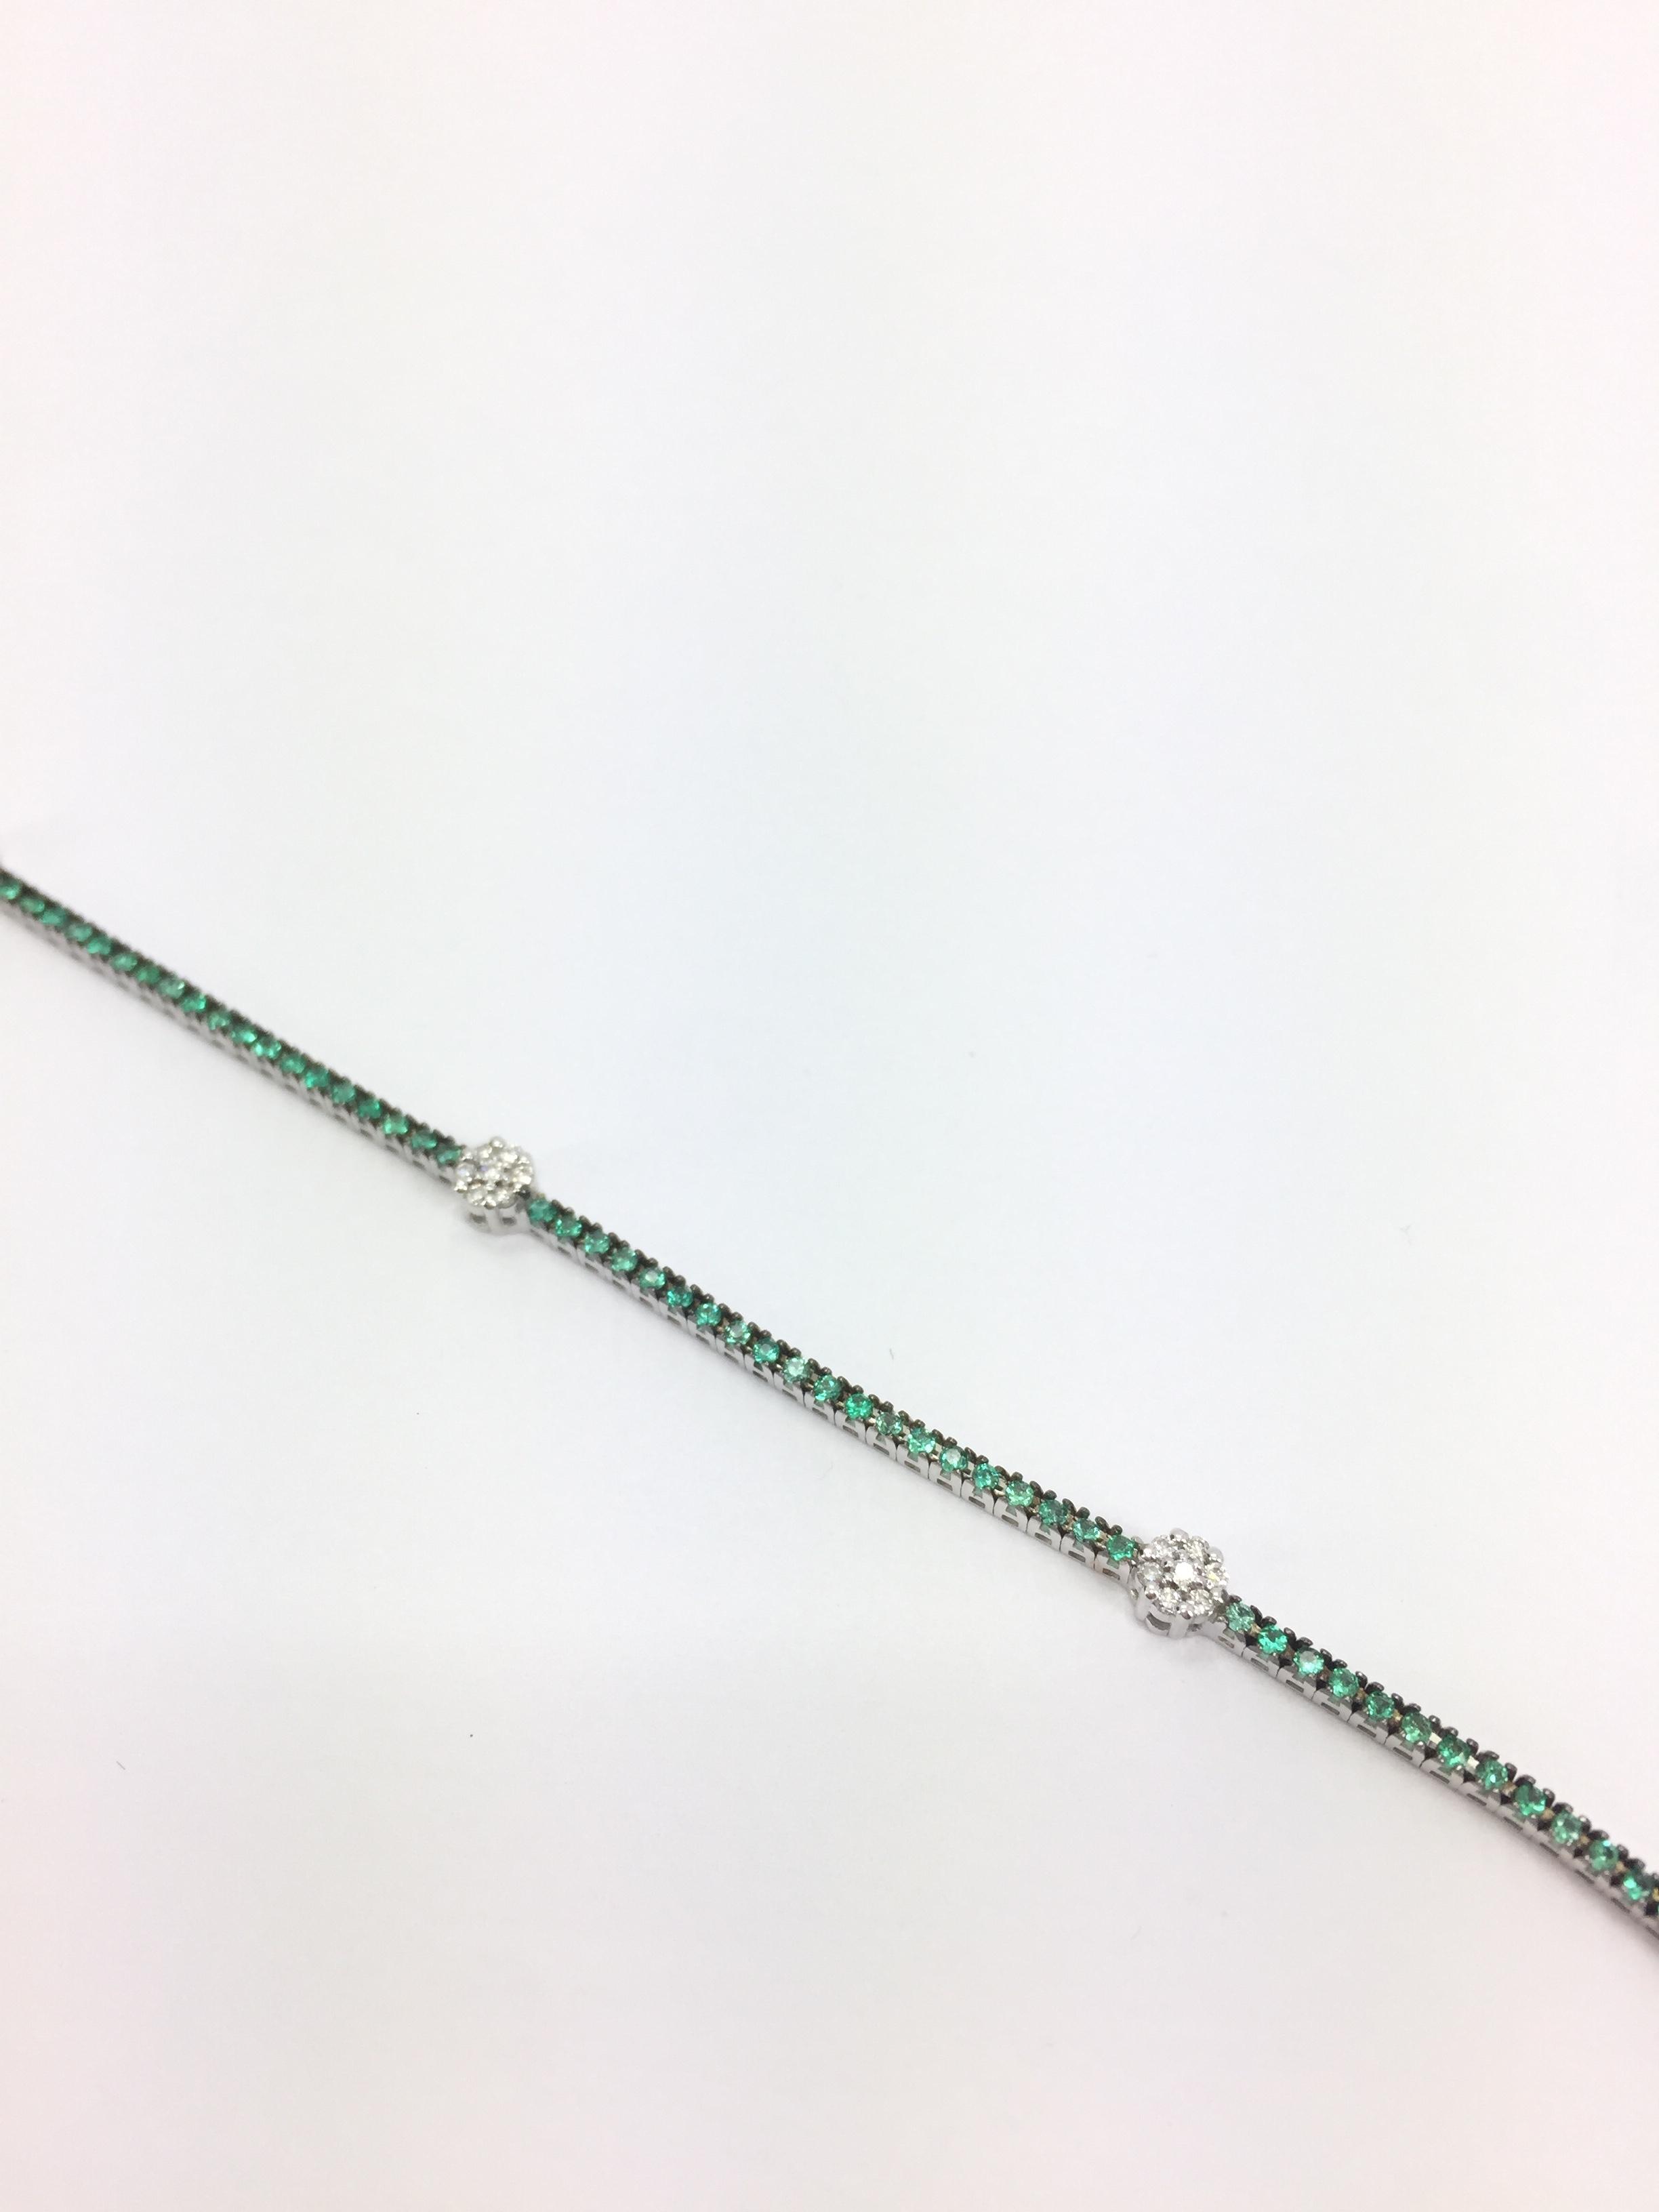 l'ultimo 61ebd 3ff17 Tennis smeraldi e diamanti